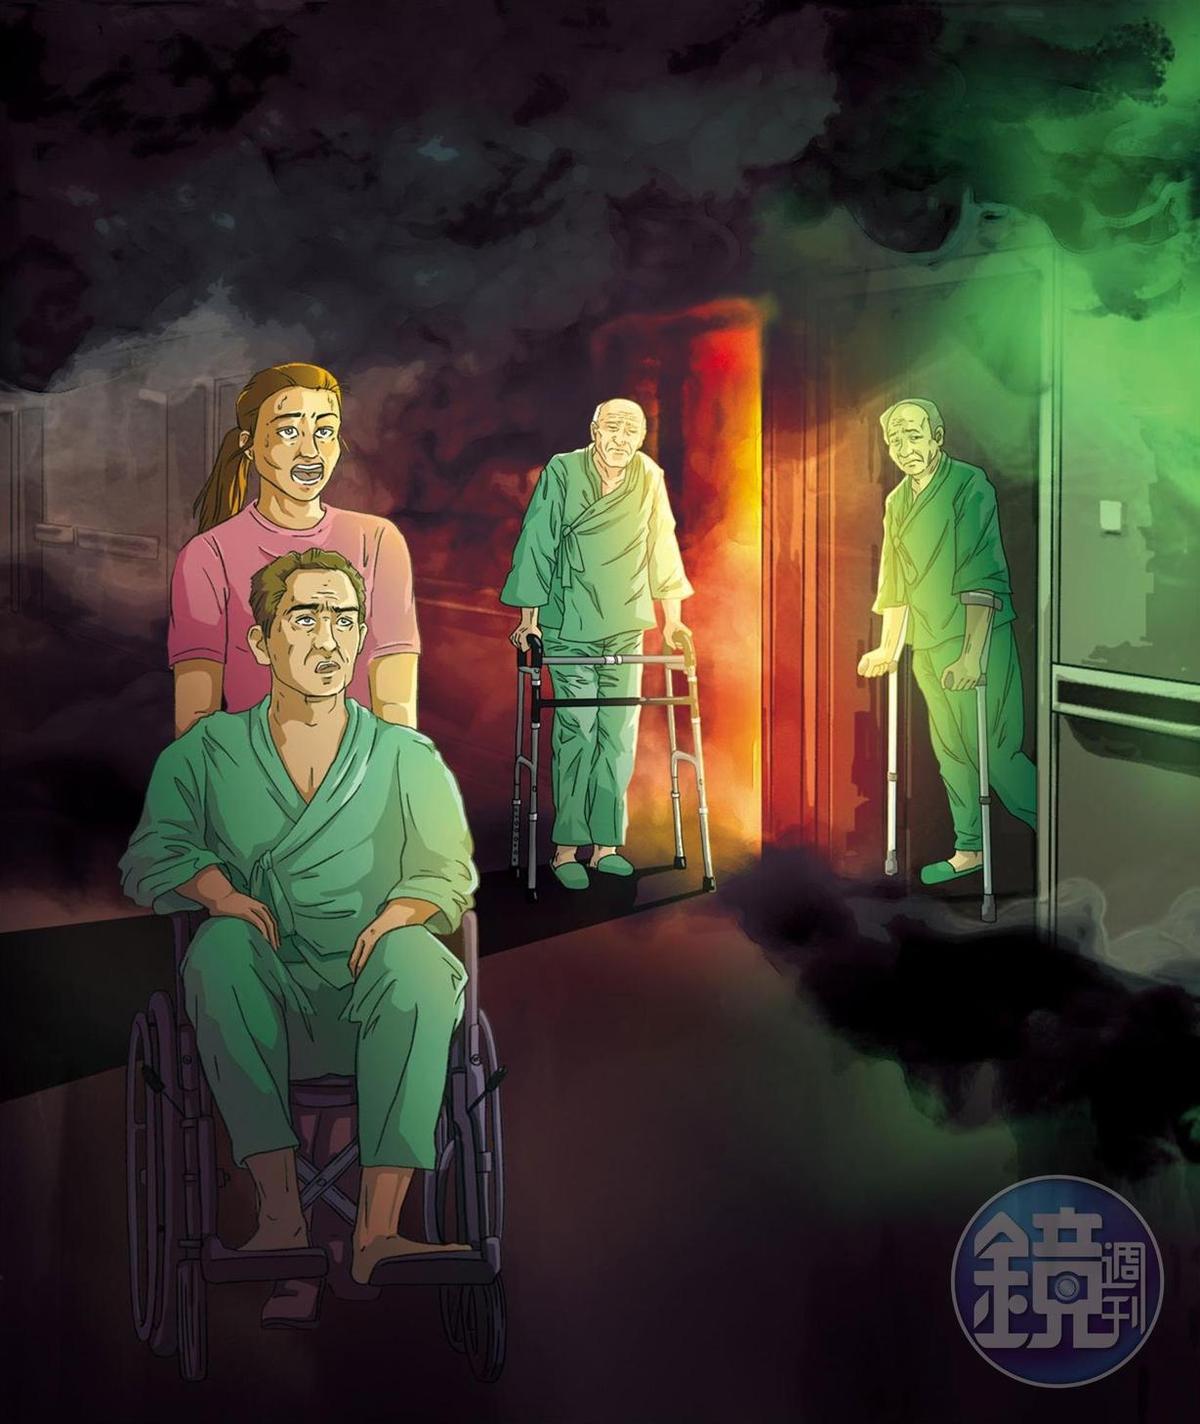 住在安寧病房區的都是重病以及行動不便者,需要看謢幫忙撤離。(圖為示意畫面)